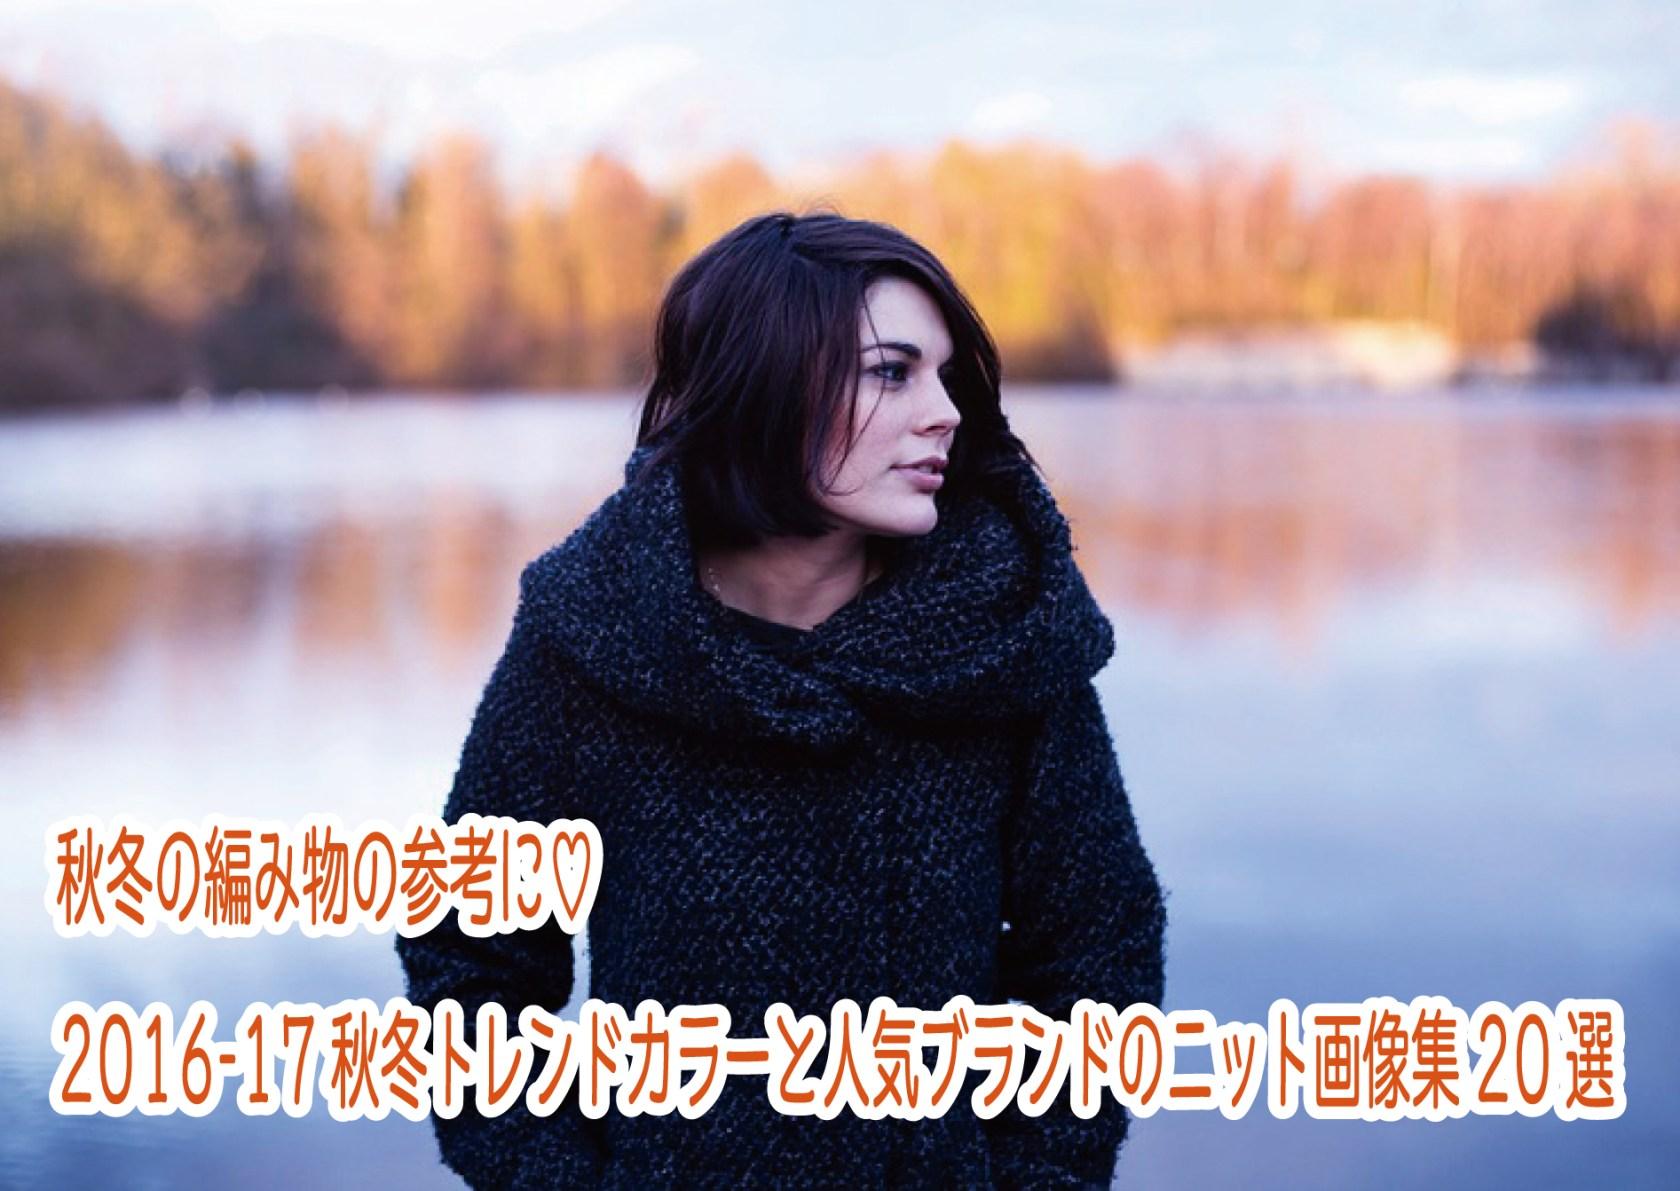 秋冬の編み物の参考に♡2016-17秋冬トレンドカラーと人気ブランドのニット画像集20選